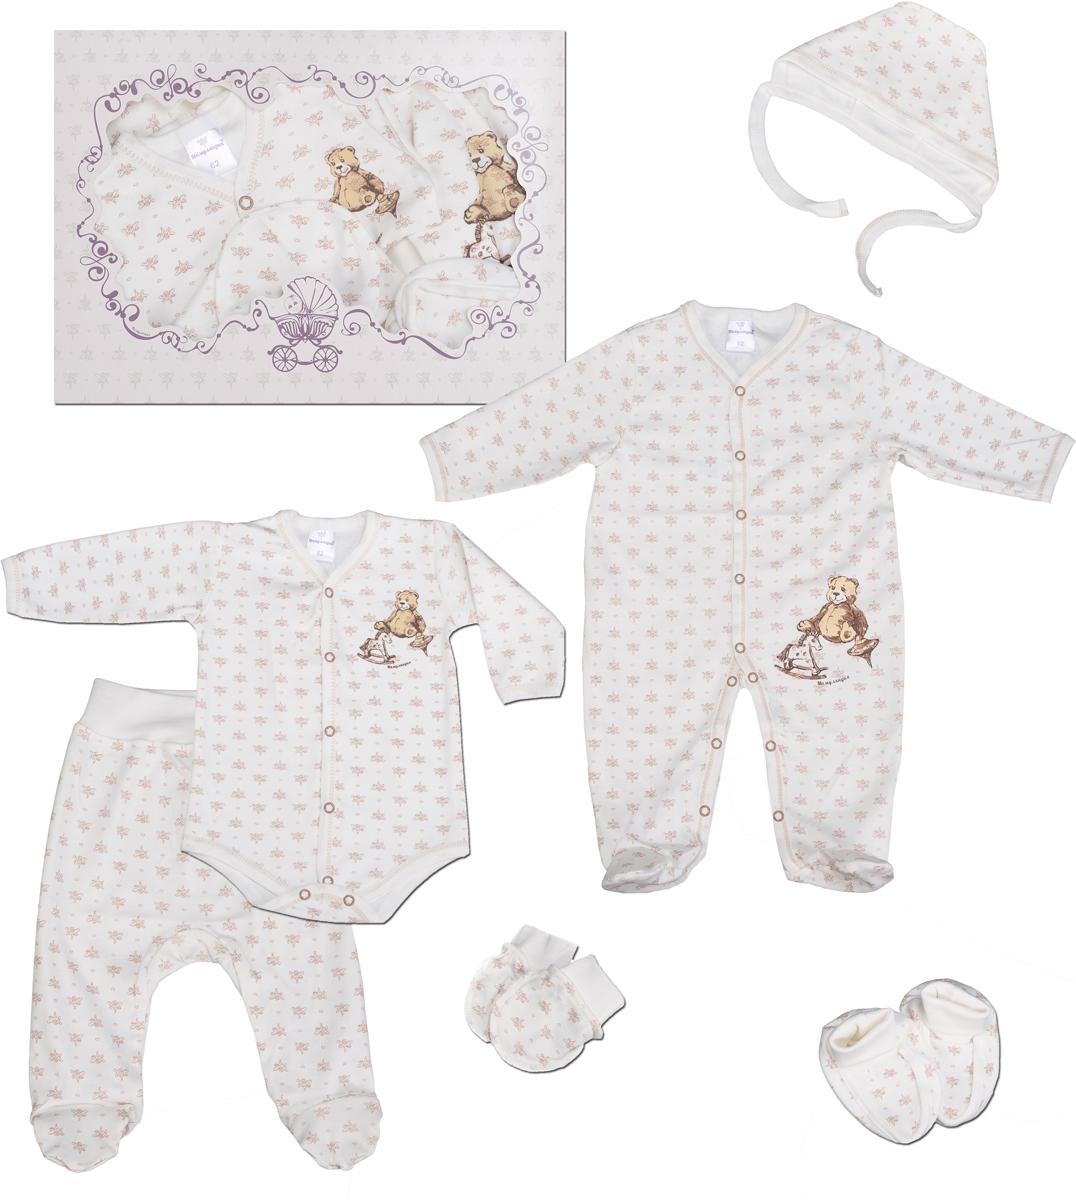 Комплект одежды детский Мамуляндия, цвет: бежевый, 6 предметов. 15-5008. Размер 62 боди детский мамуляндия 16 108 серый р 62